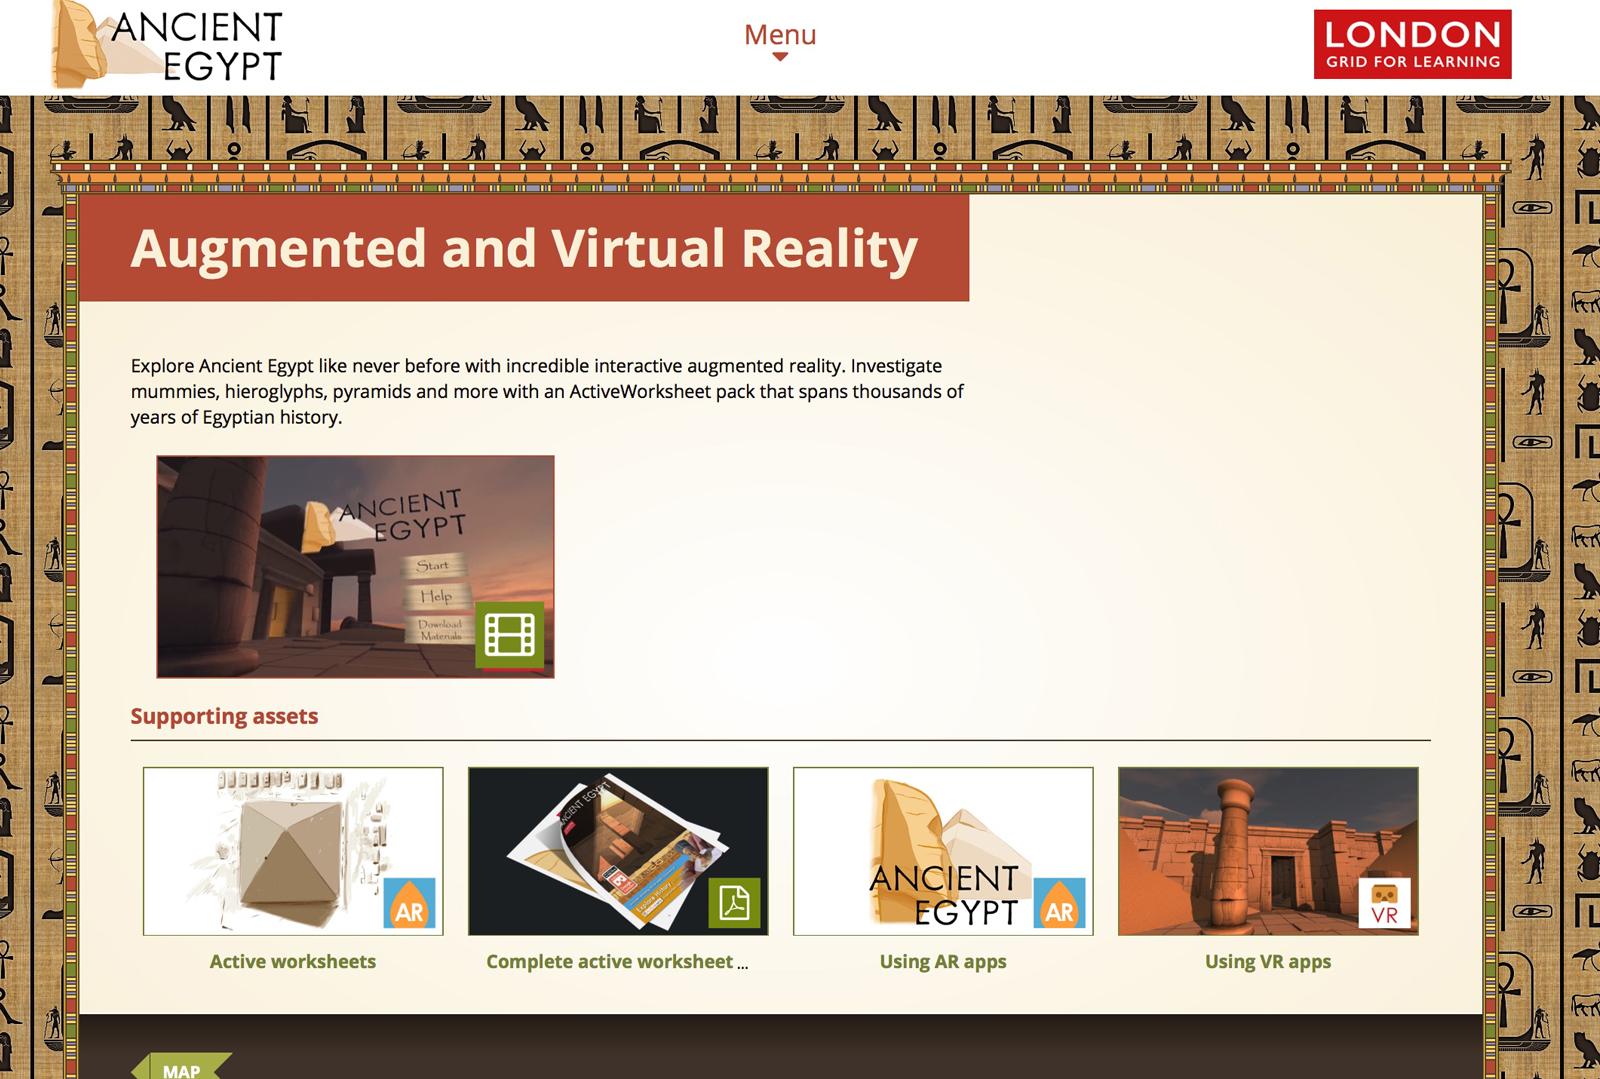 static lgfl net - /LgflNet/images/showcase/ancient-egypt/